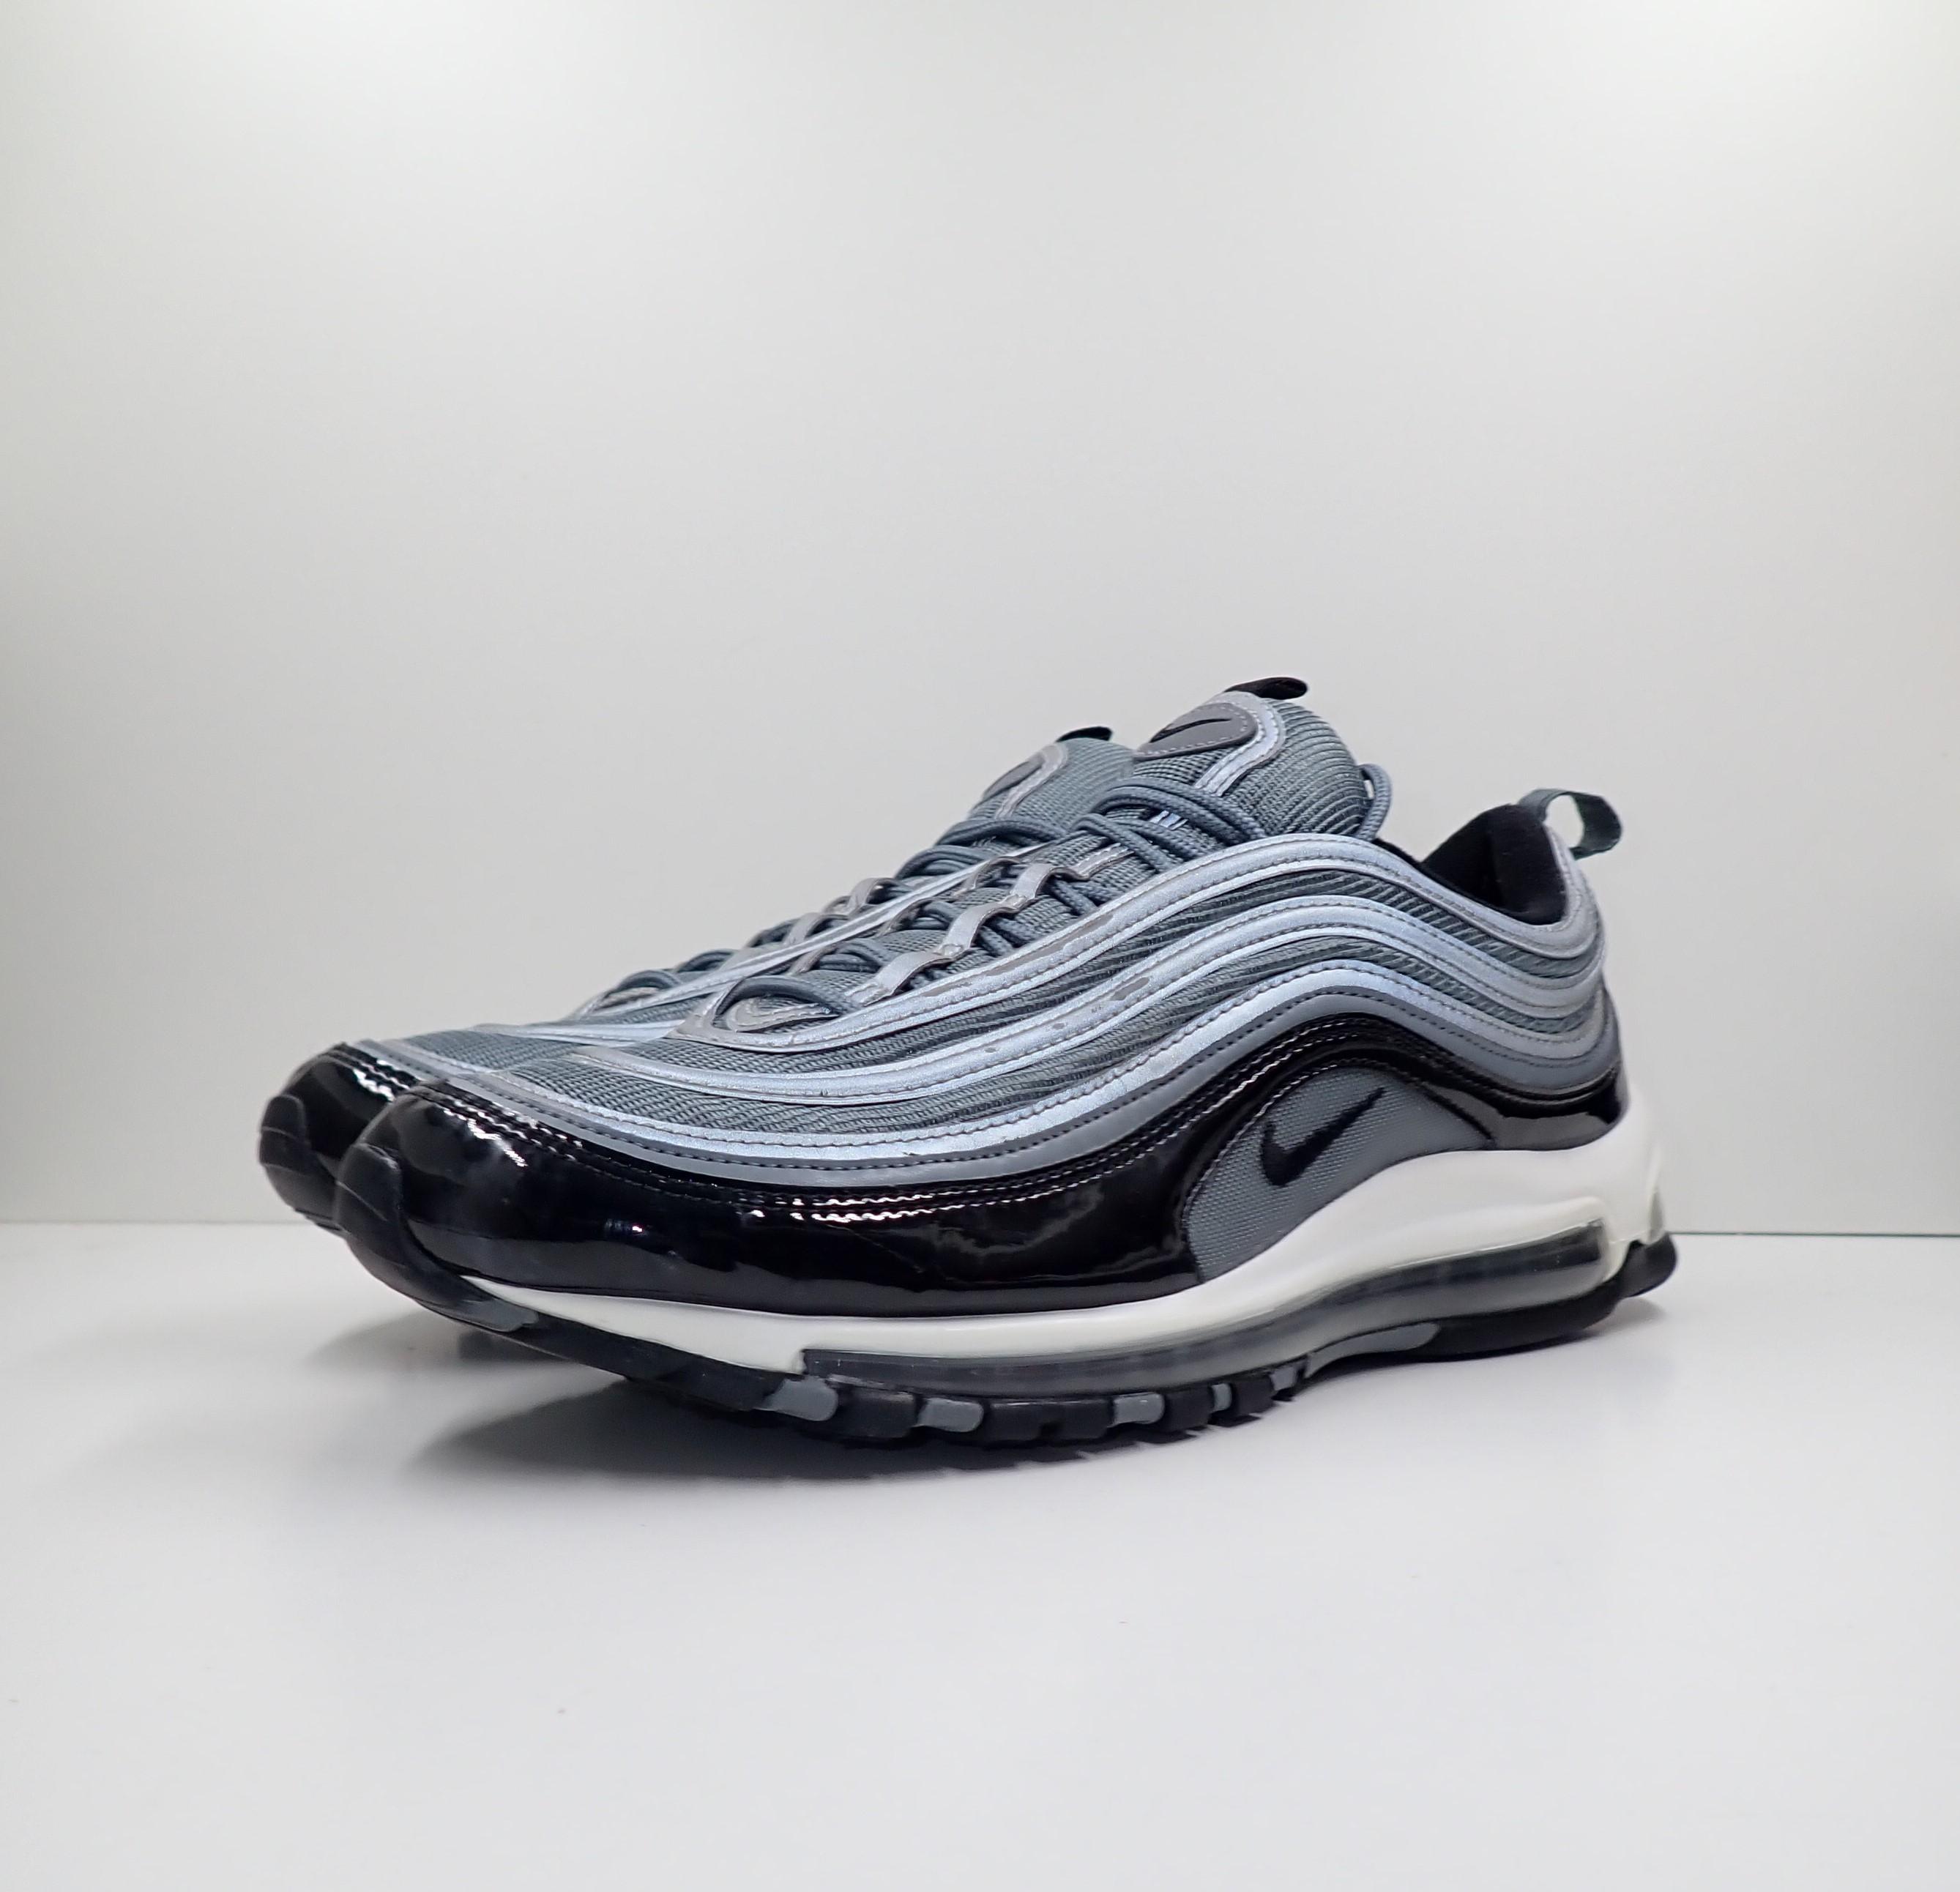 Nike Air Max 97 Cool Grey Black Patent